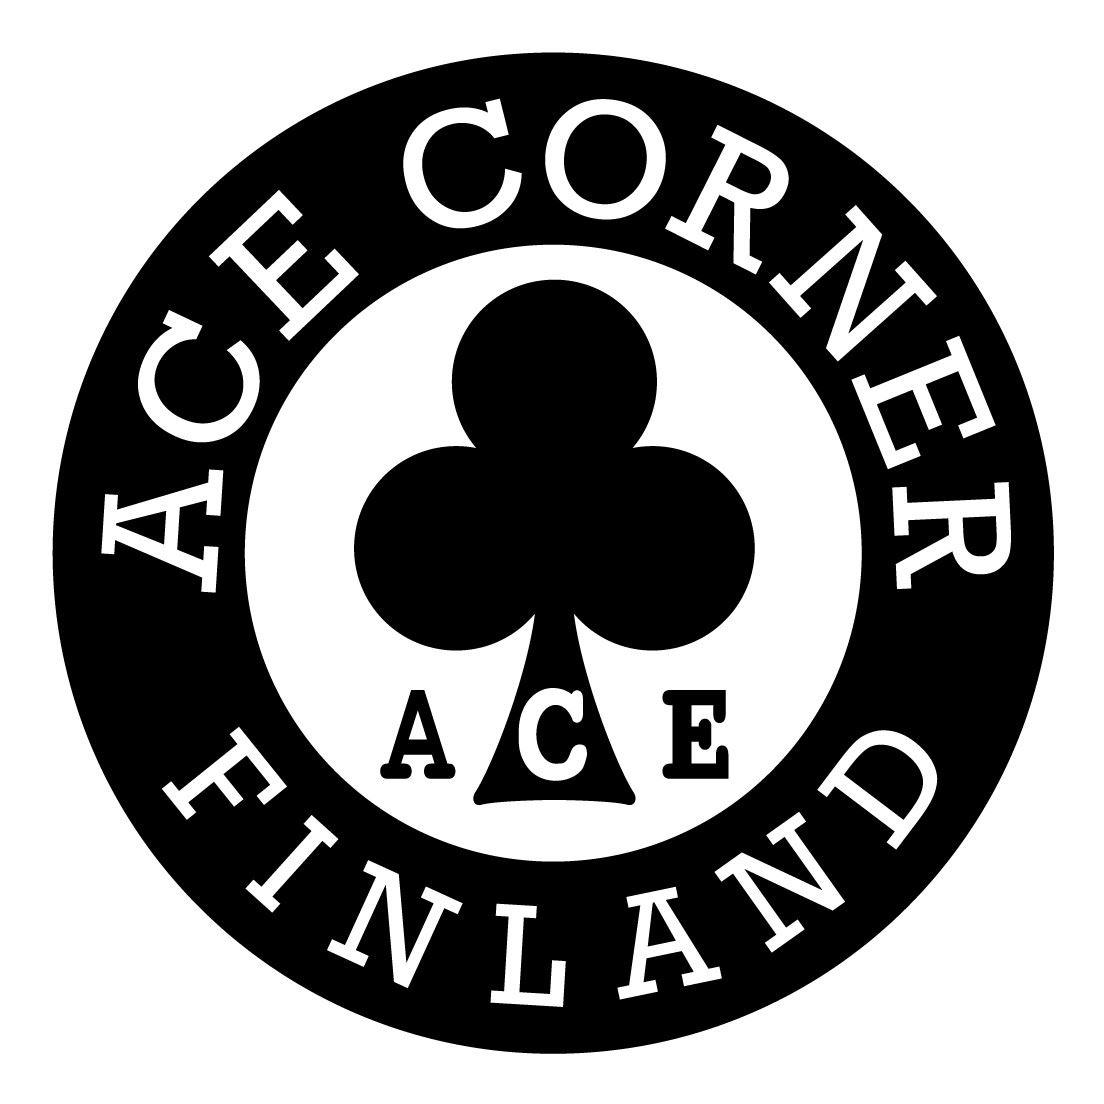 Ace Corner Finland ja Moottoripyörämuseo